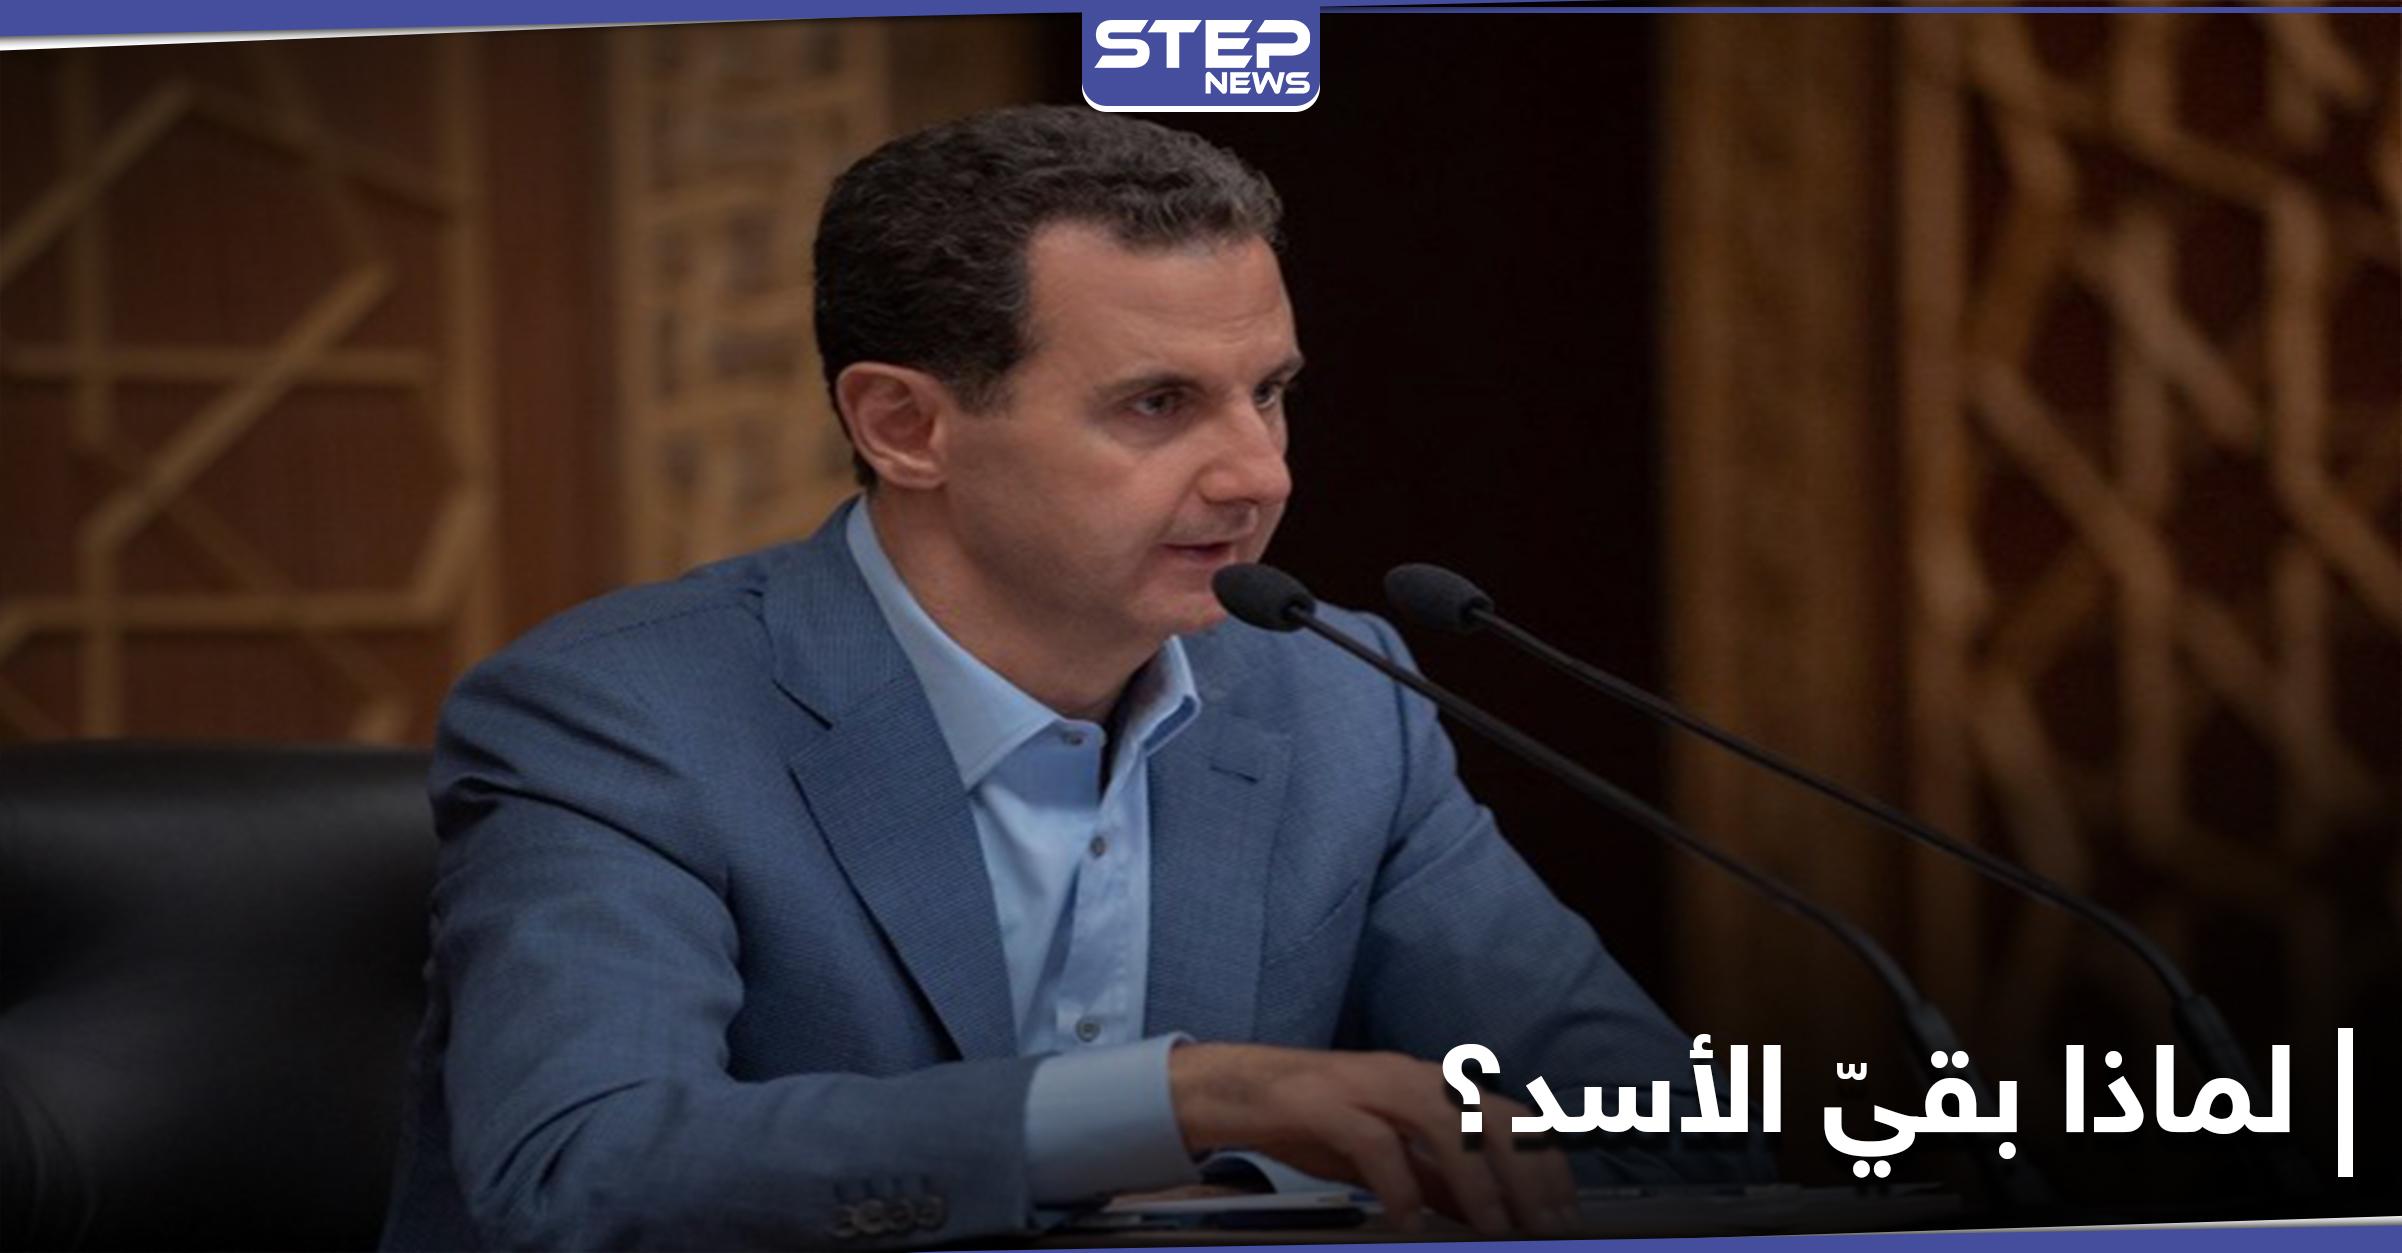 صحيفة تُبرز سبب بقاء بشار الأسد في السلطة حتى الآن